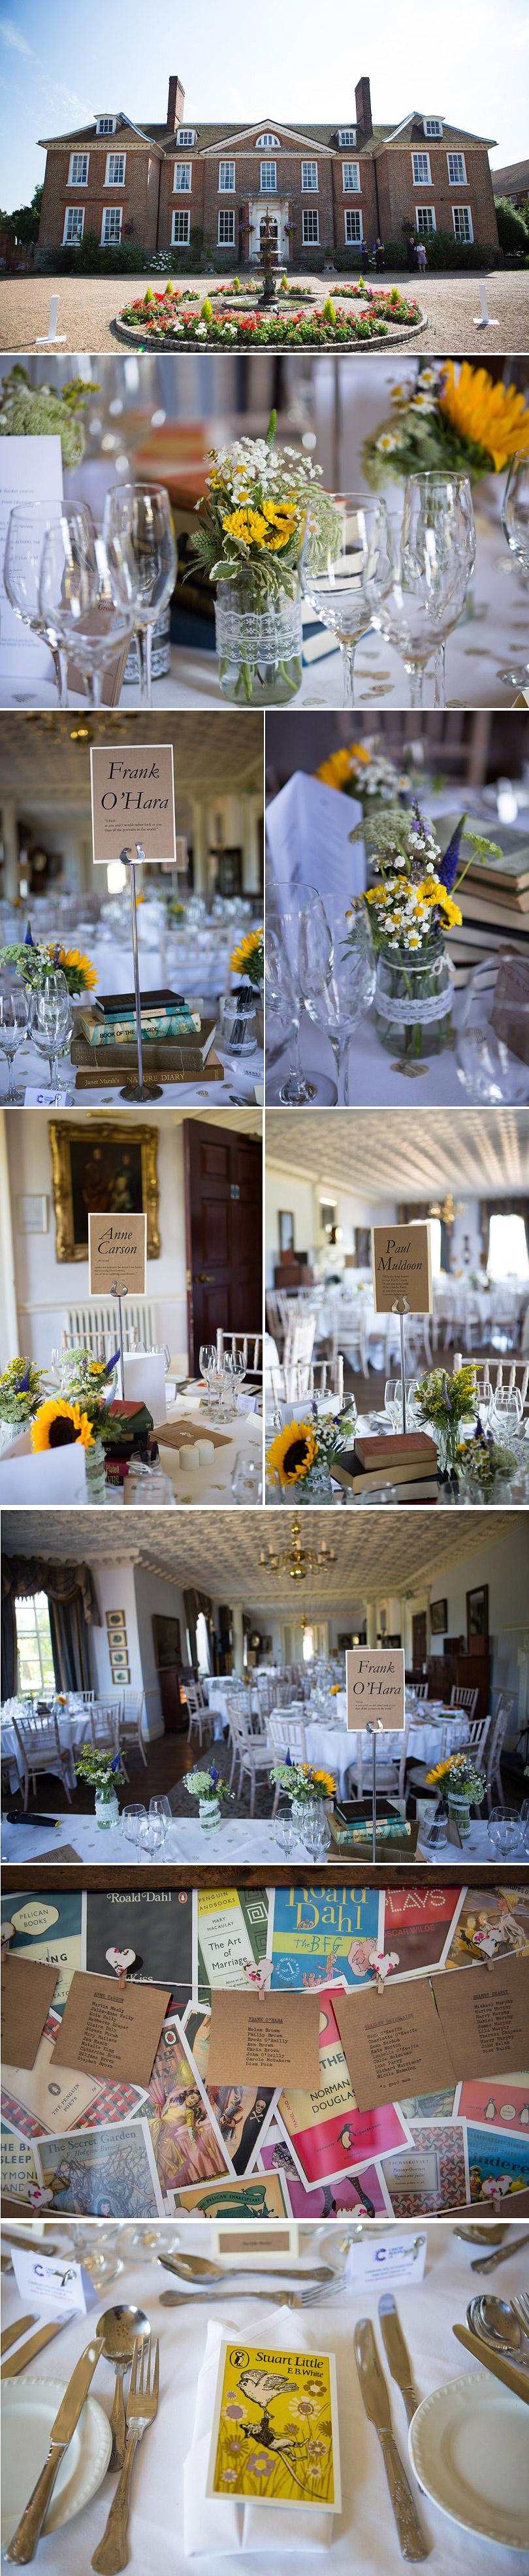 H&P-Chilston-Park-Wedding_13.jpg